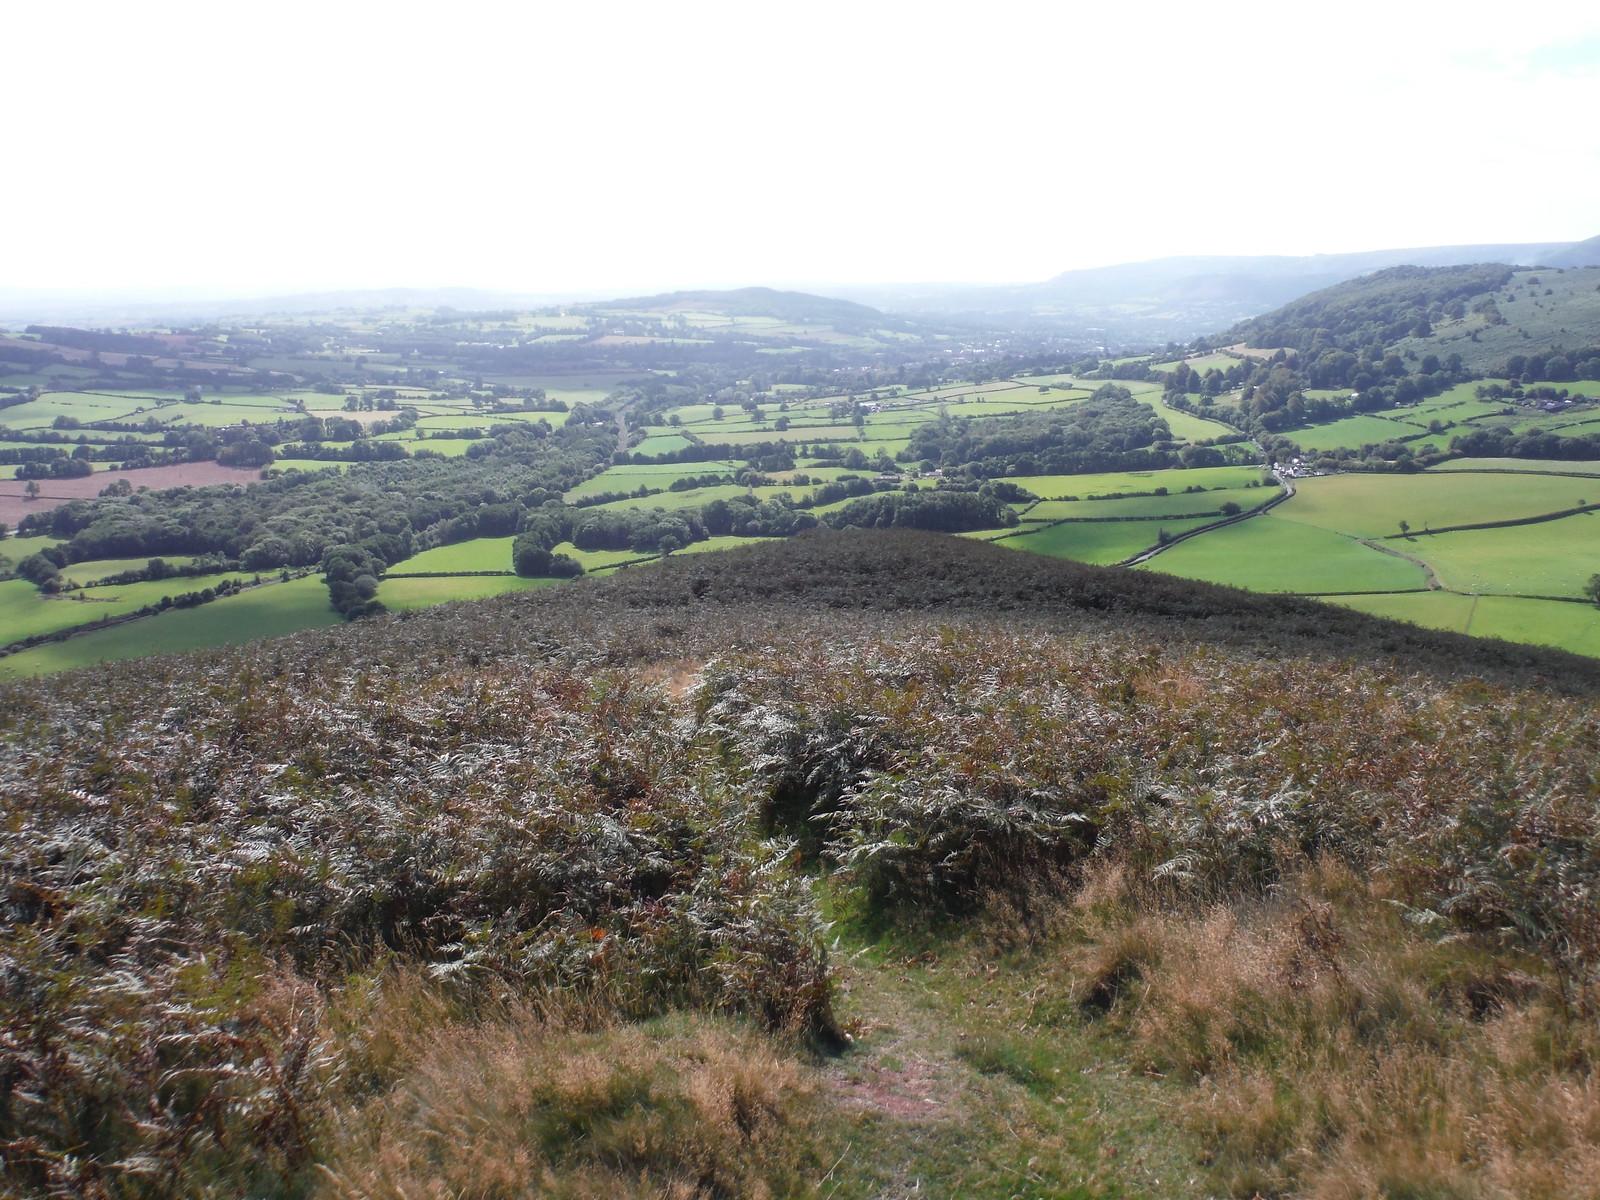 View down nose of ridge of Bryn Arw towards Abergavenny SWC Walk 347 - Llanvihangel Crucorney Circular (via Bryn Arw and The Skirrid)